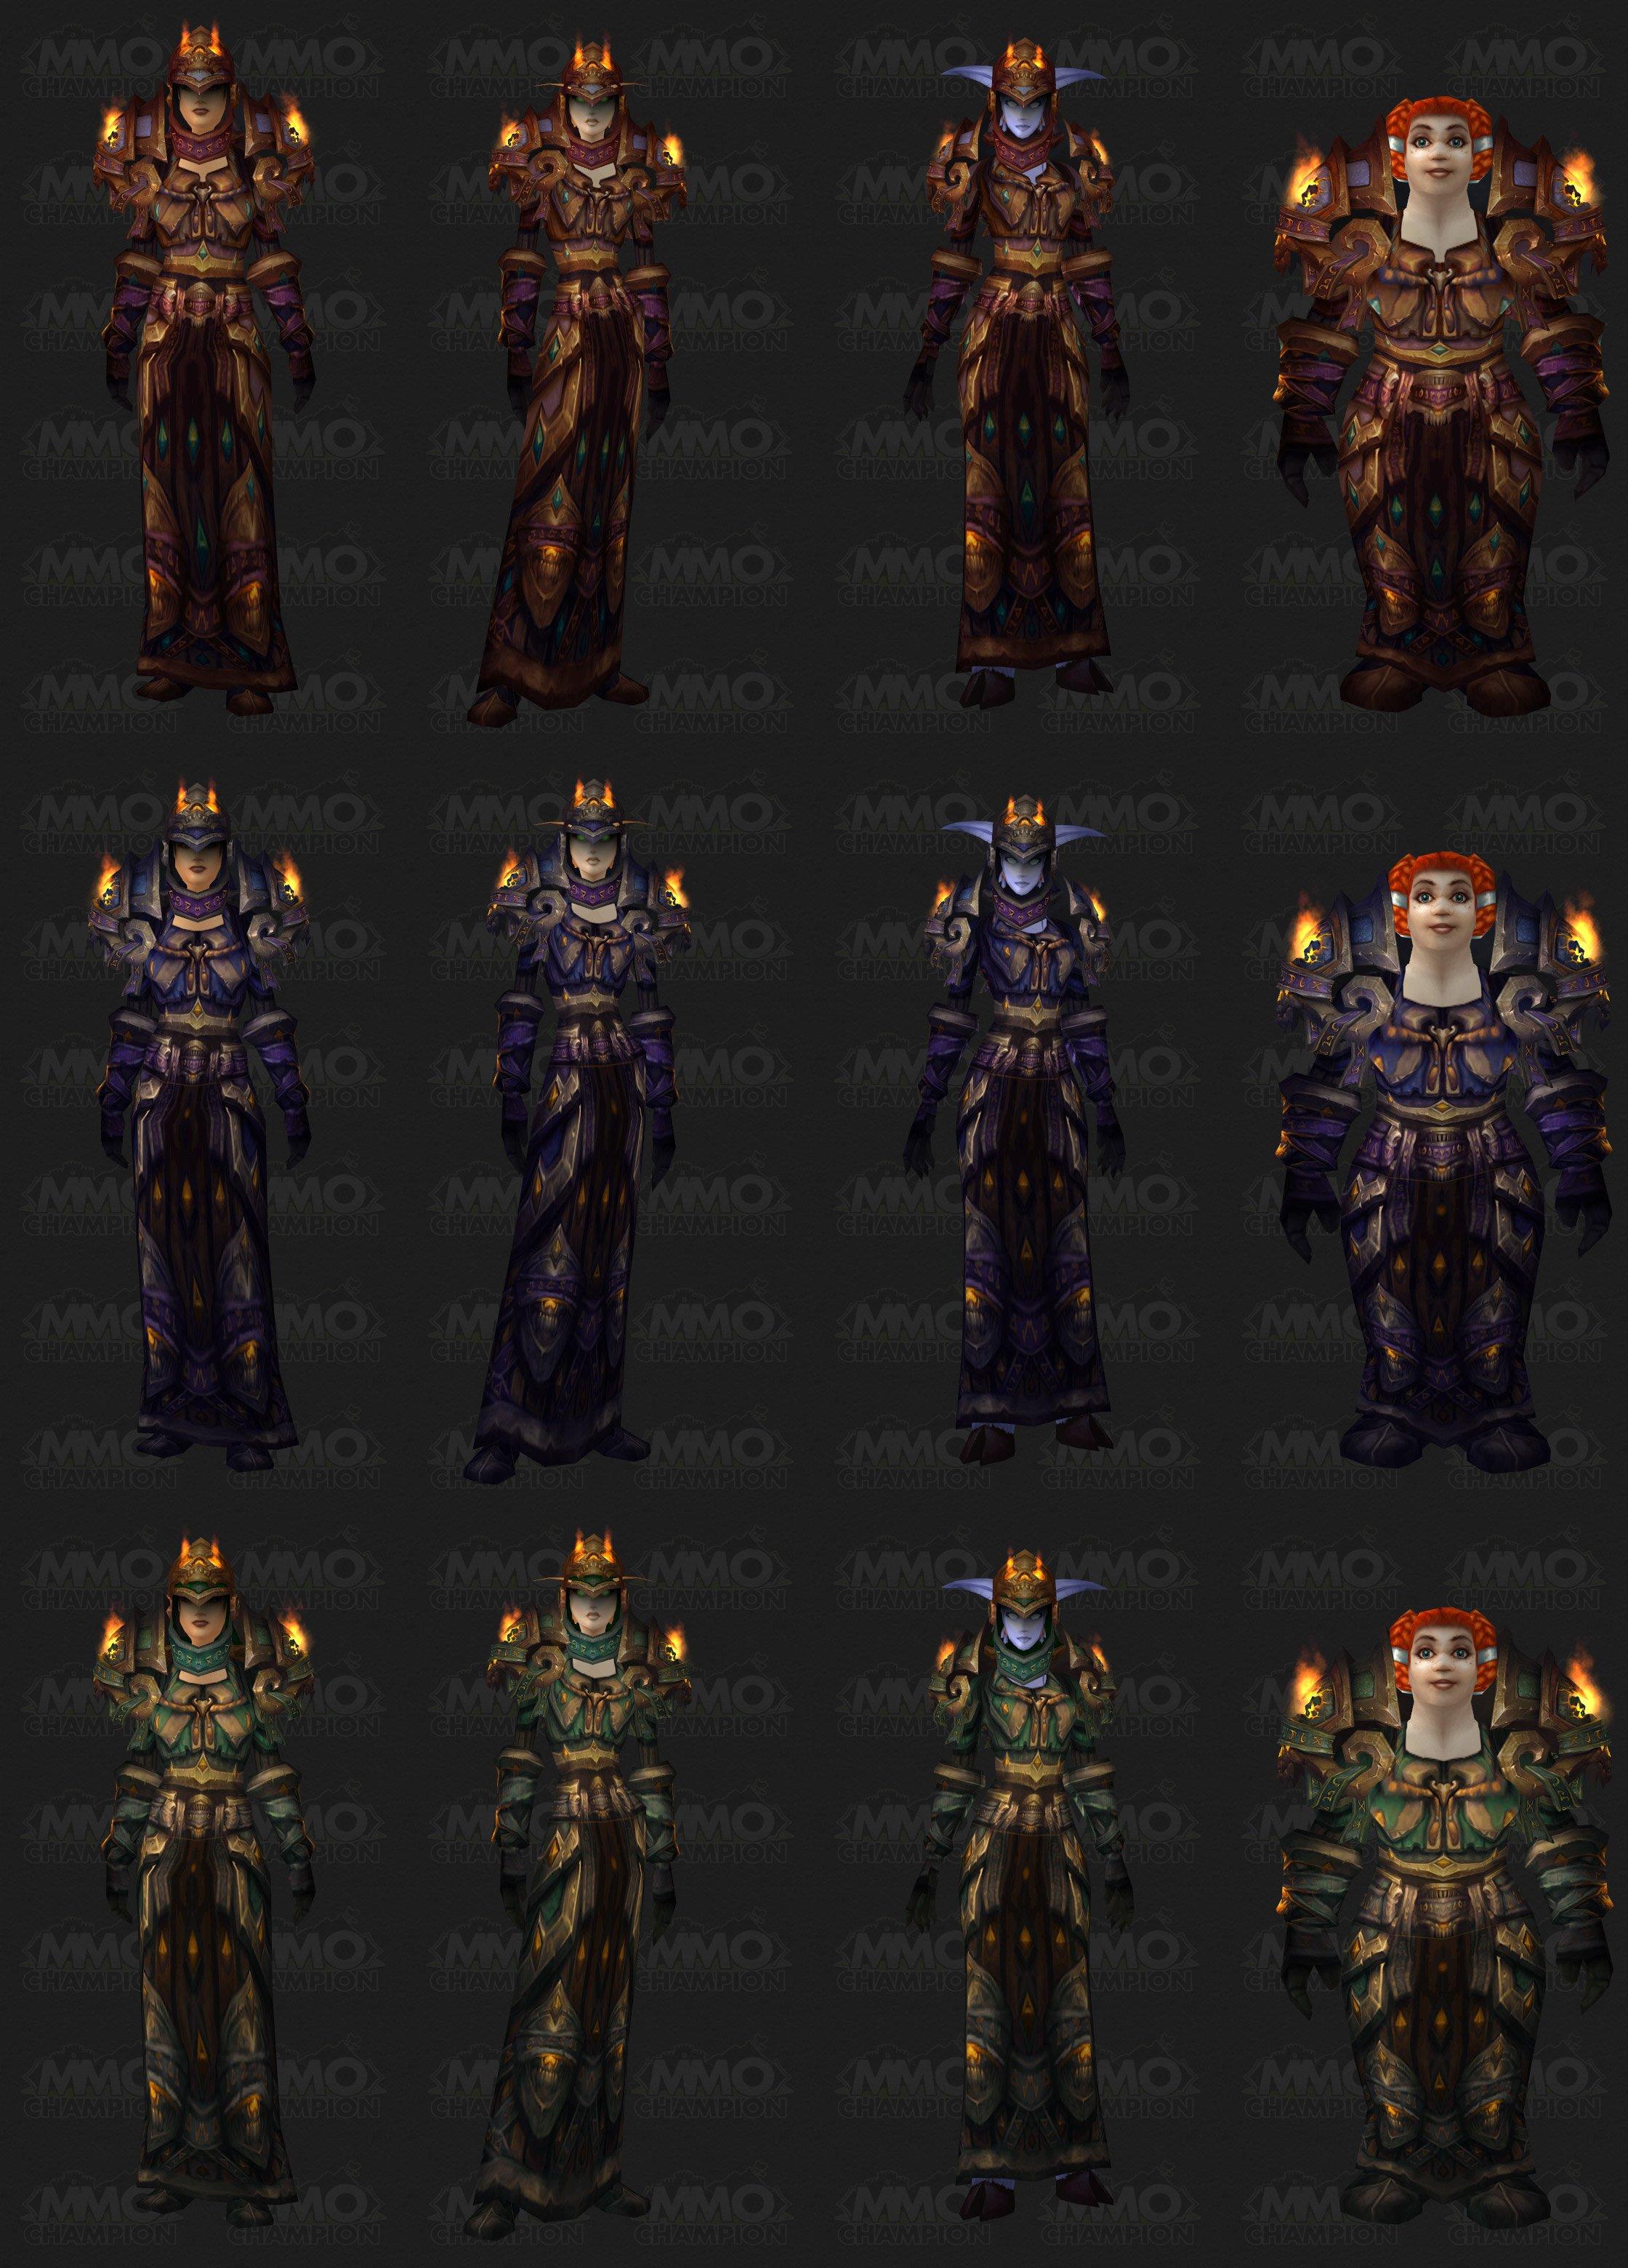 Tier 10 Armor Sets